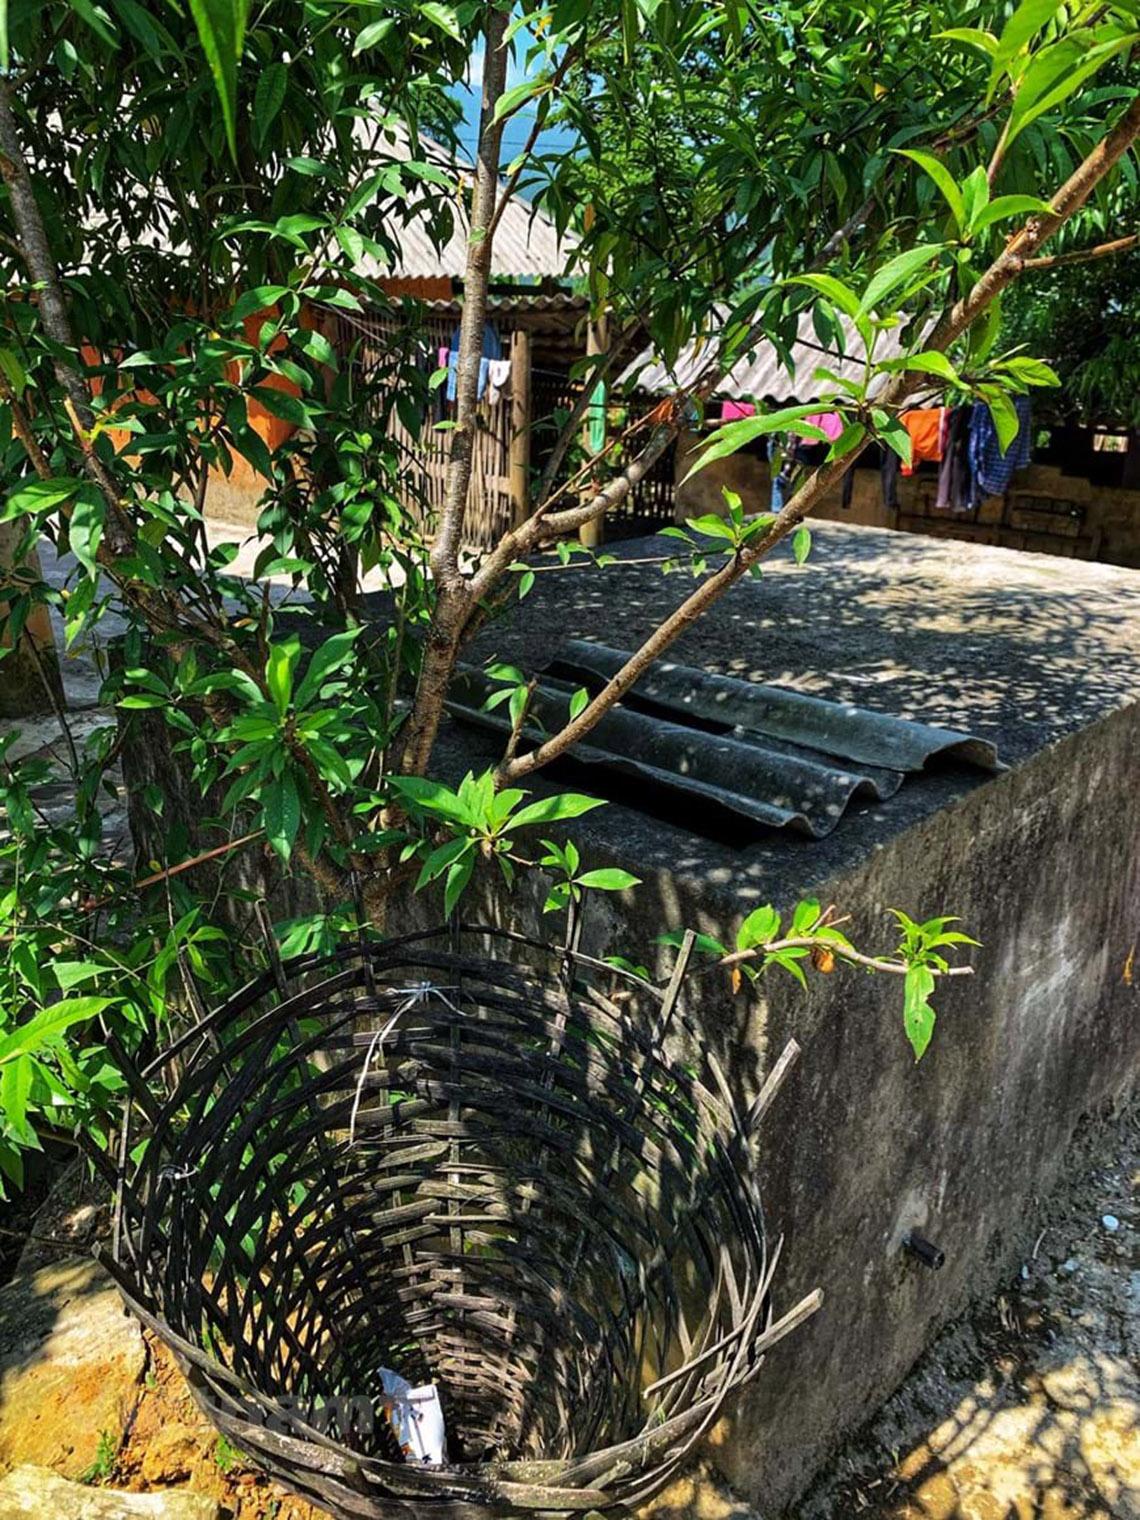 Nhà trình tường: Nét kiến trúc độc đáo 'thân thiện môi trường' -8